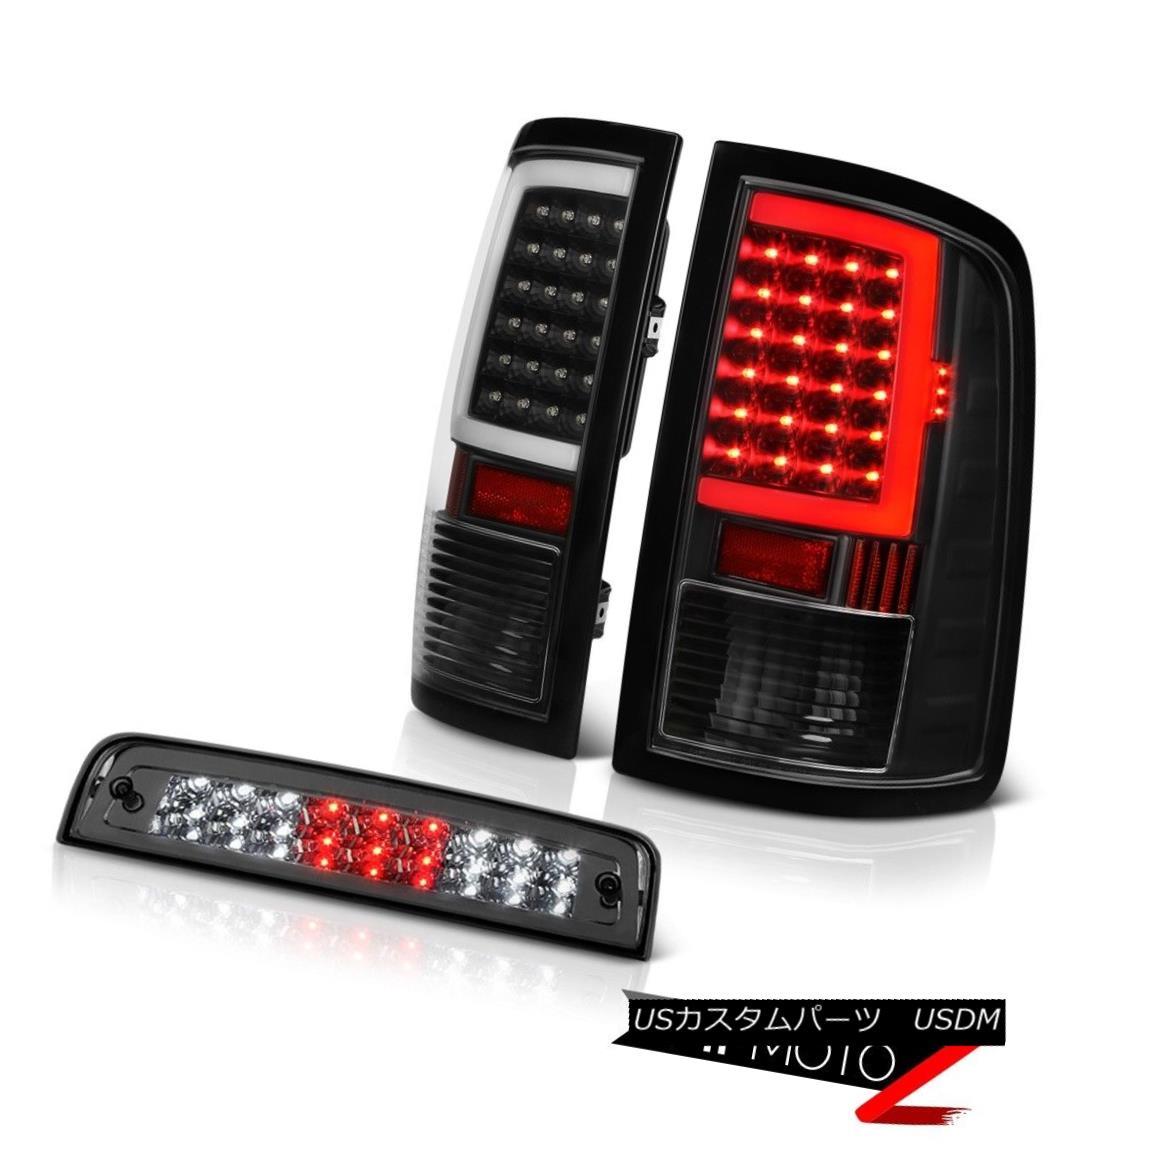 テールライト 09-18 Dodge RAM 2500 Tail Lamp Graphite Smoke 3rd Brake Light Replacement SET 09-18ダッジRAM 2500テールランプグラファイトスモーク第3ブレーキライト交換セット